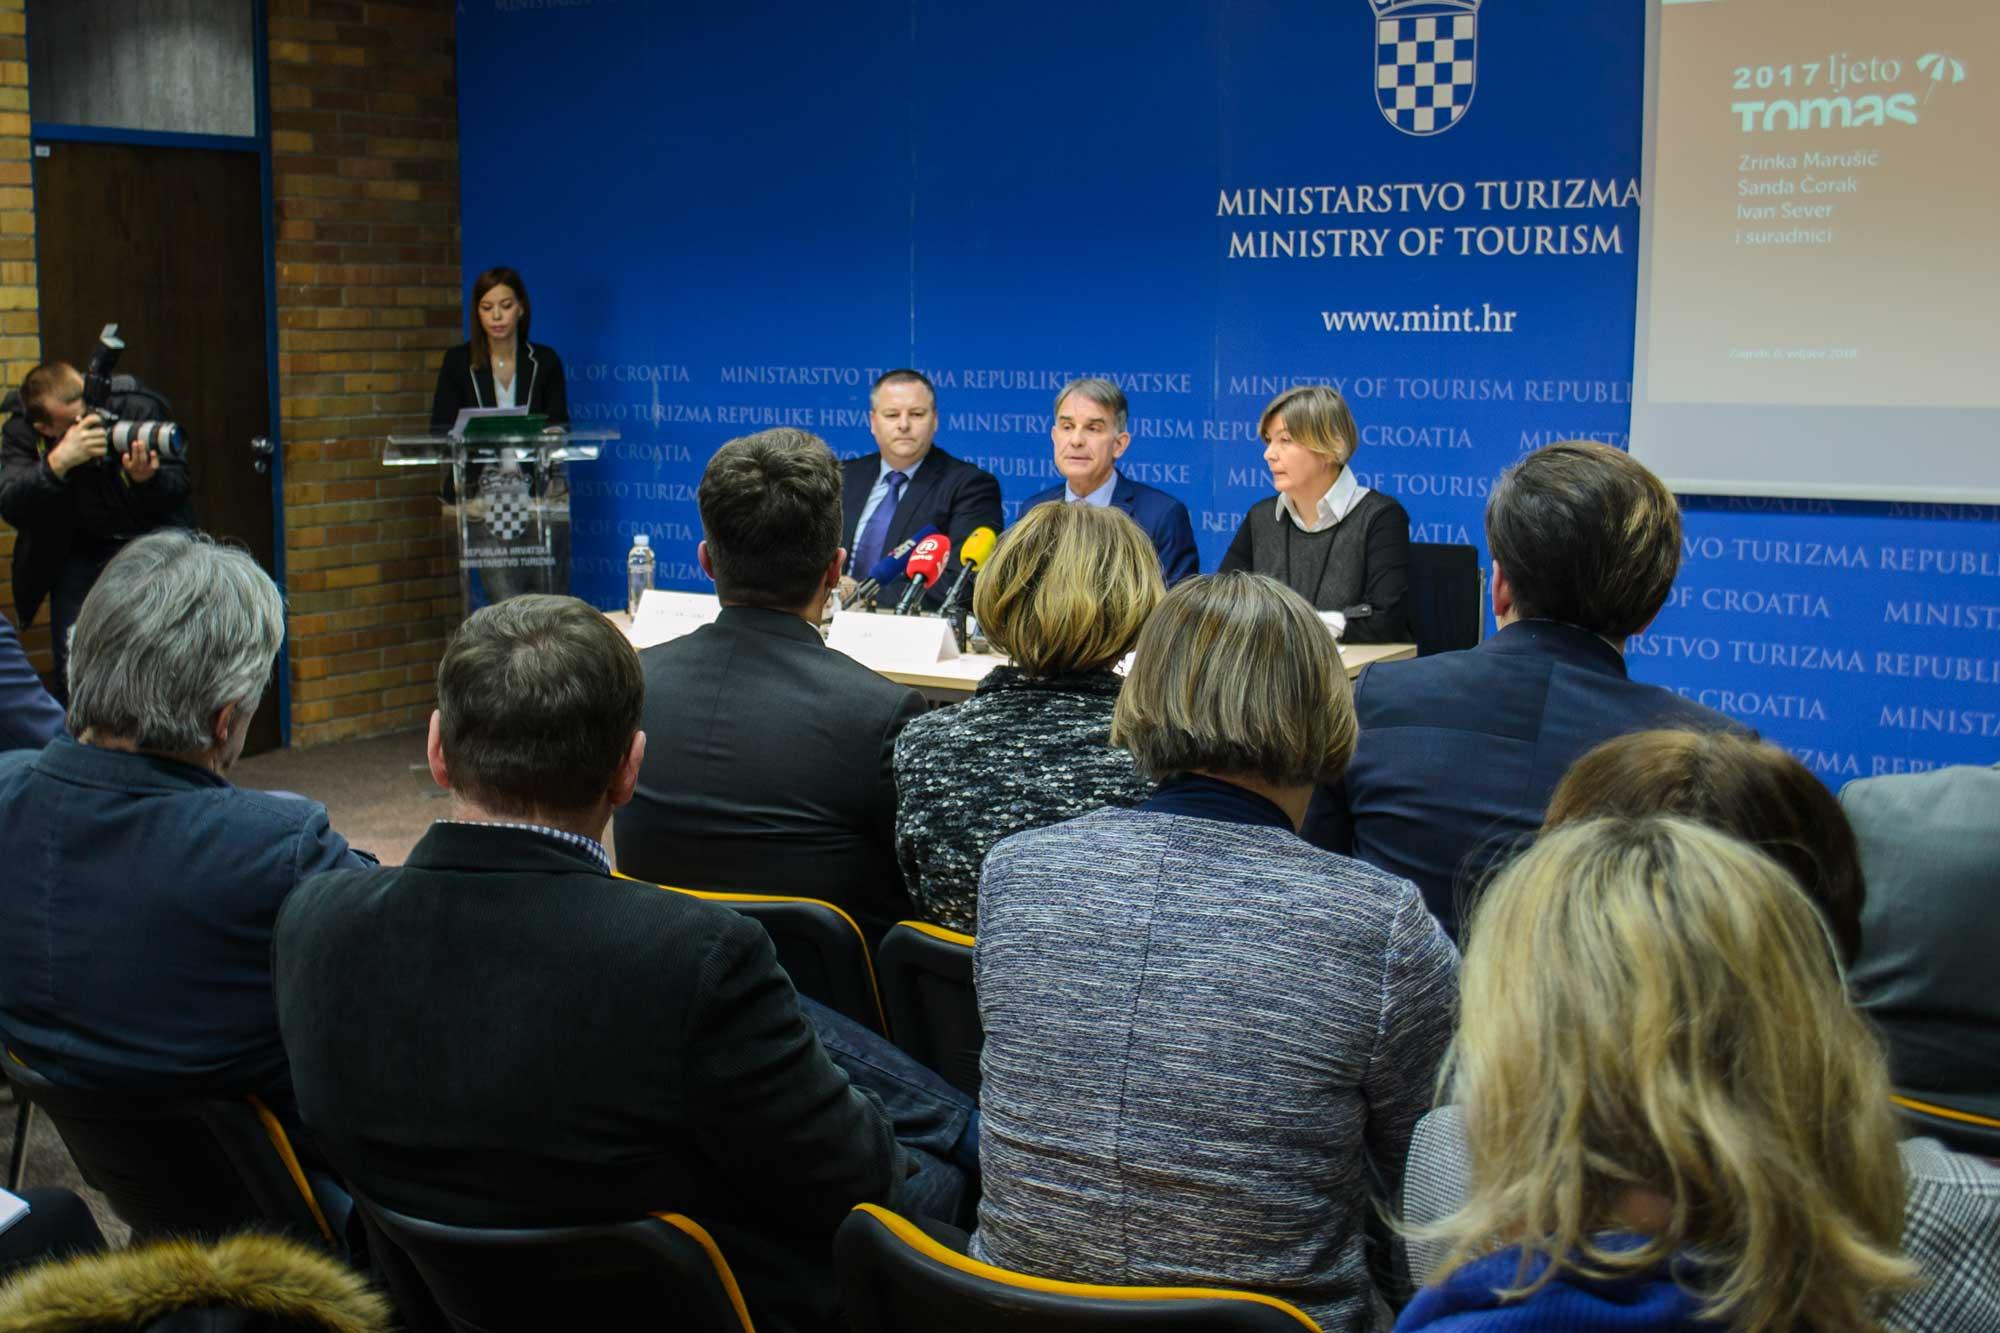 Potrošnja turista u Hrvatskoj porasla, ali i nezadovoljstvo ponudom u destinaciji